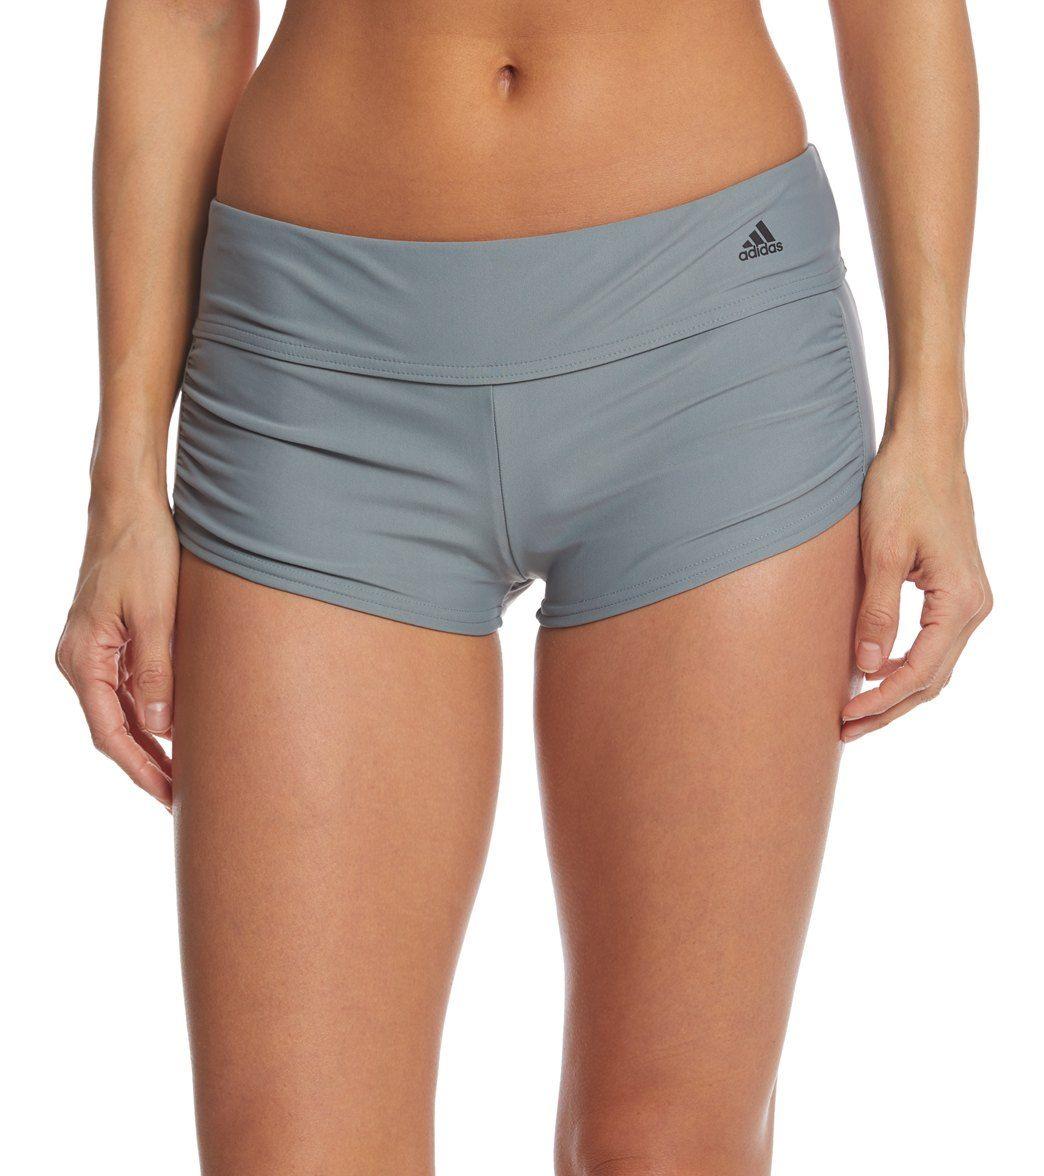 ef2a149b8267b Adidas Women's Shirred Swim Short | Clothes | Adidas women, Swim ...